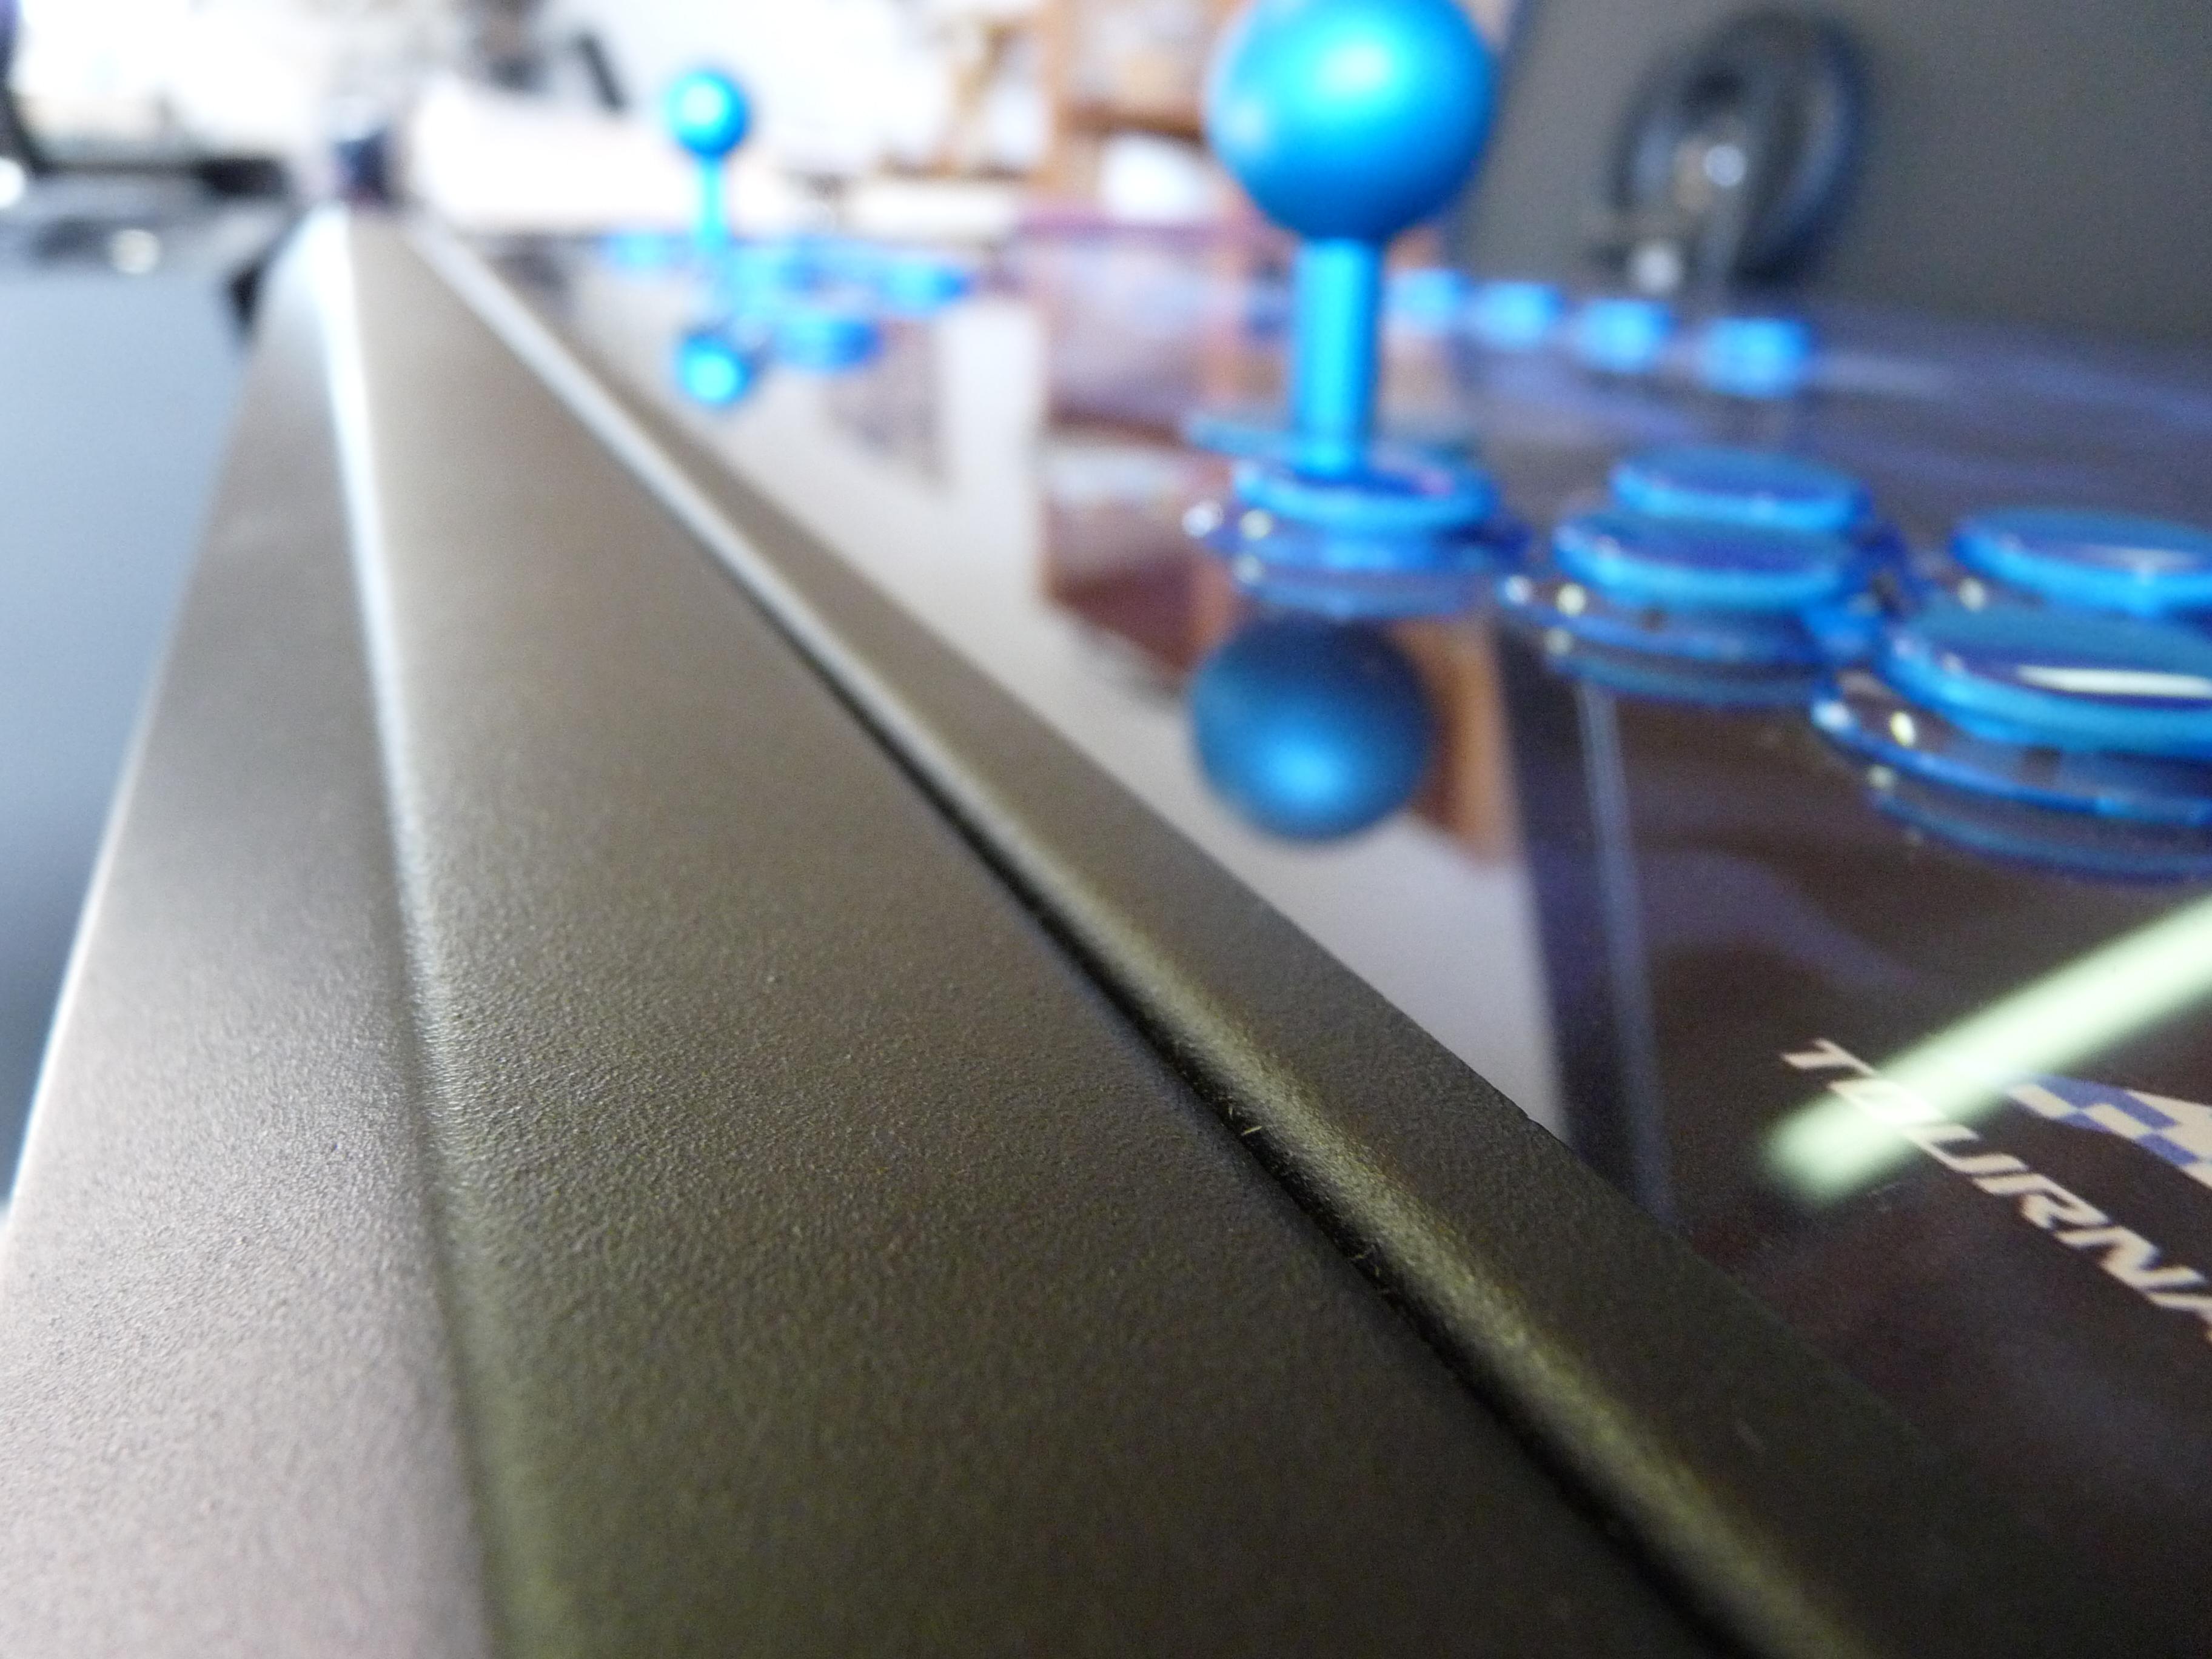 Bornes d'arcade - Blue sticks